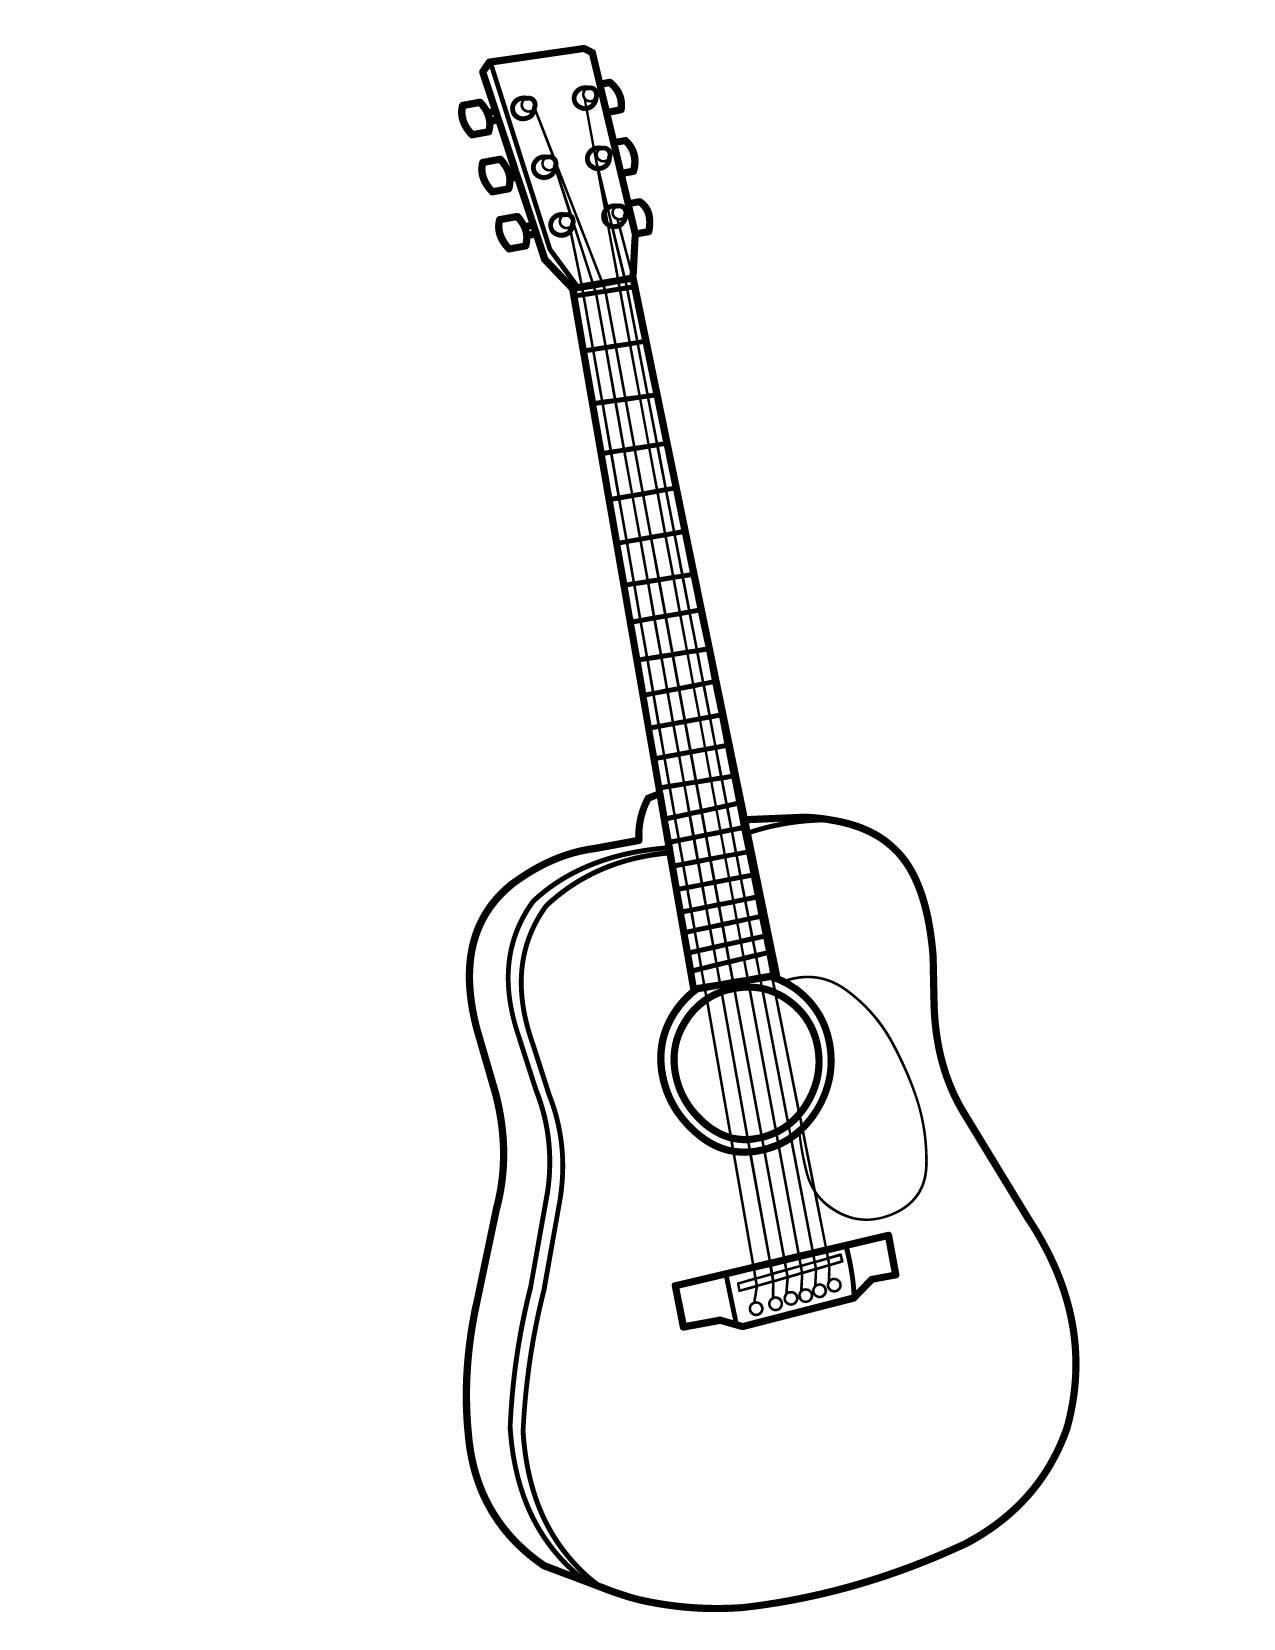 Раскраска гитара музыкальный инструмент